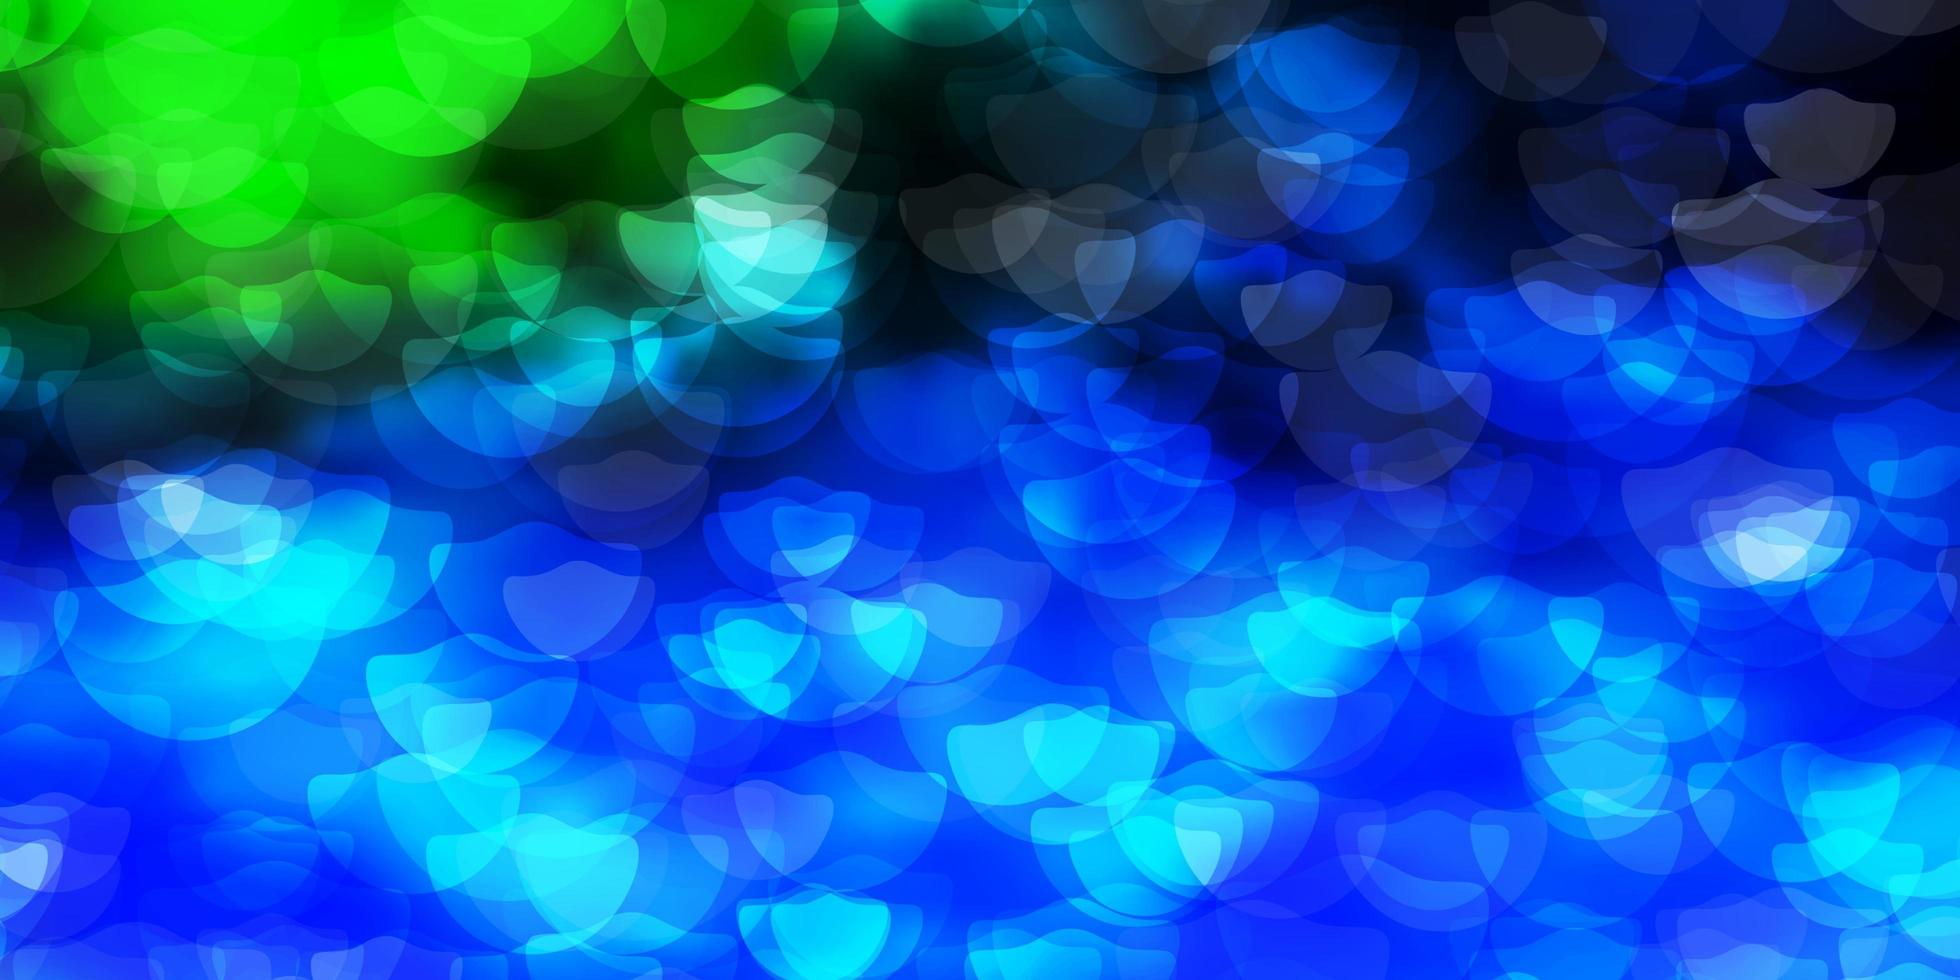 dunkelblaue, grüne Vektortextur mit Scheiben. vektor